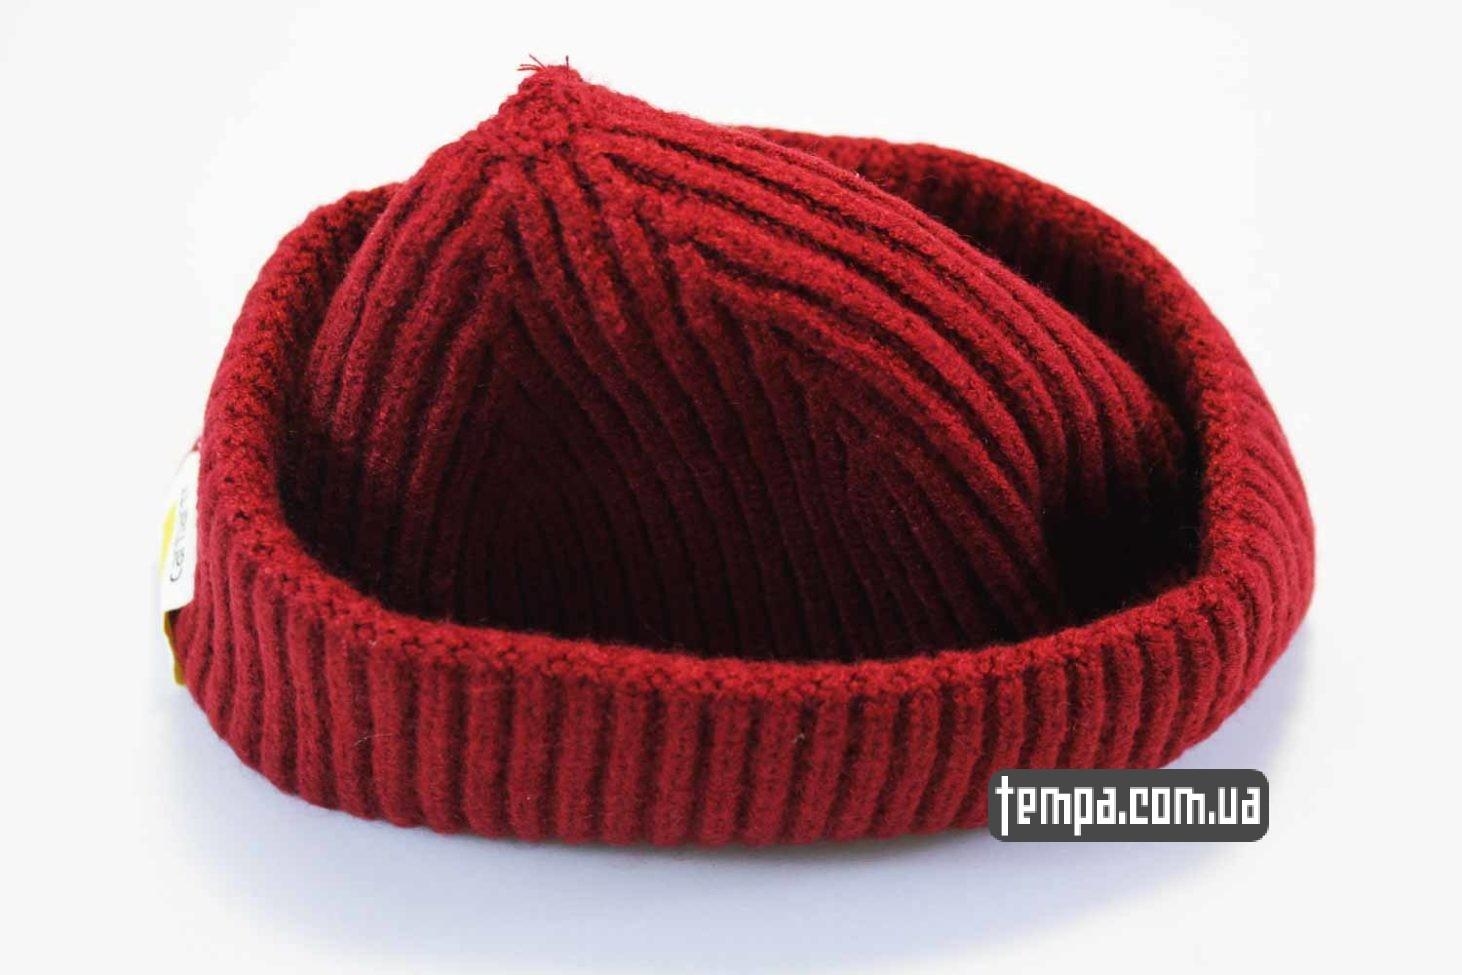 теплая зимняя двойная шапка beanie Carhartt red красная купить